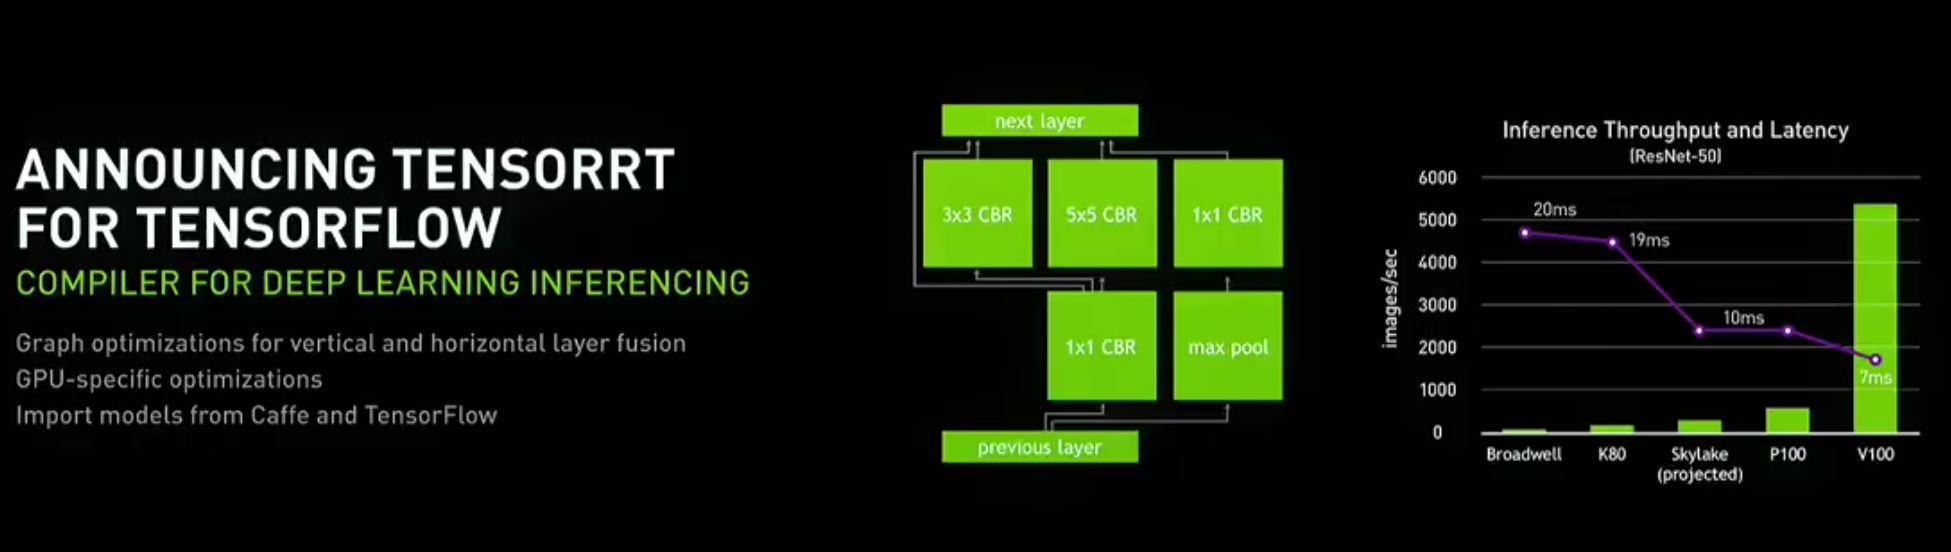 NVIDIA GTC 2017 Inferencing Broadwell K80 Skylake P100 V100